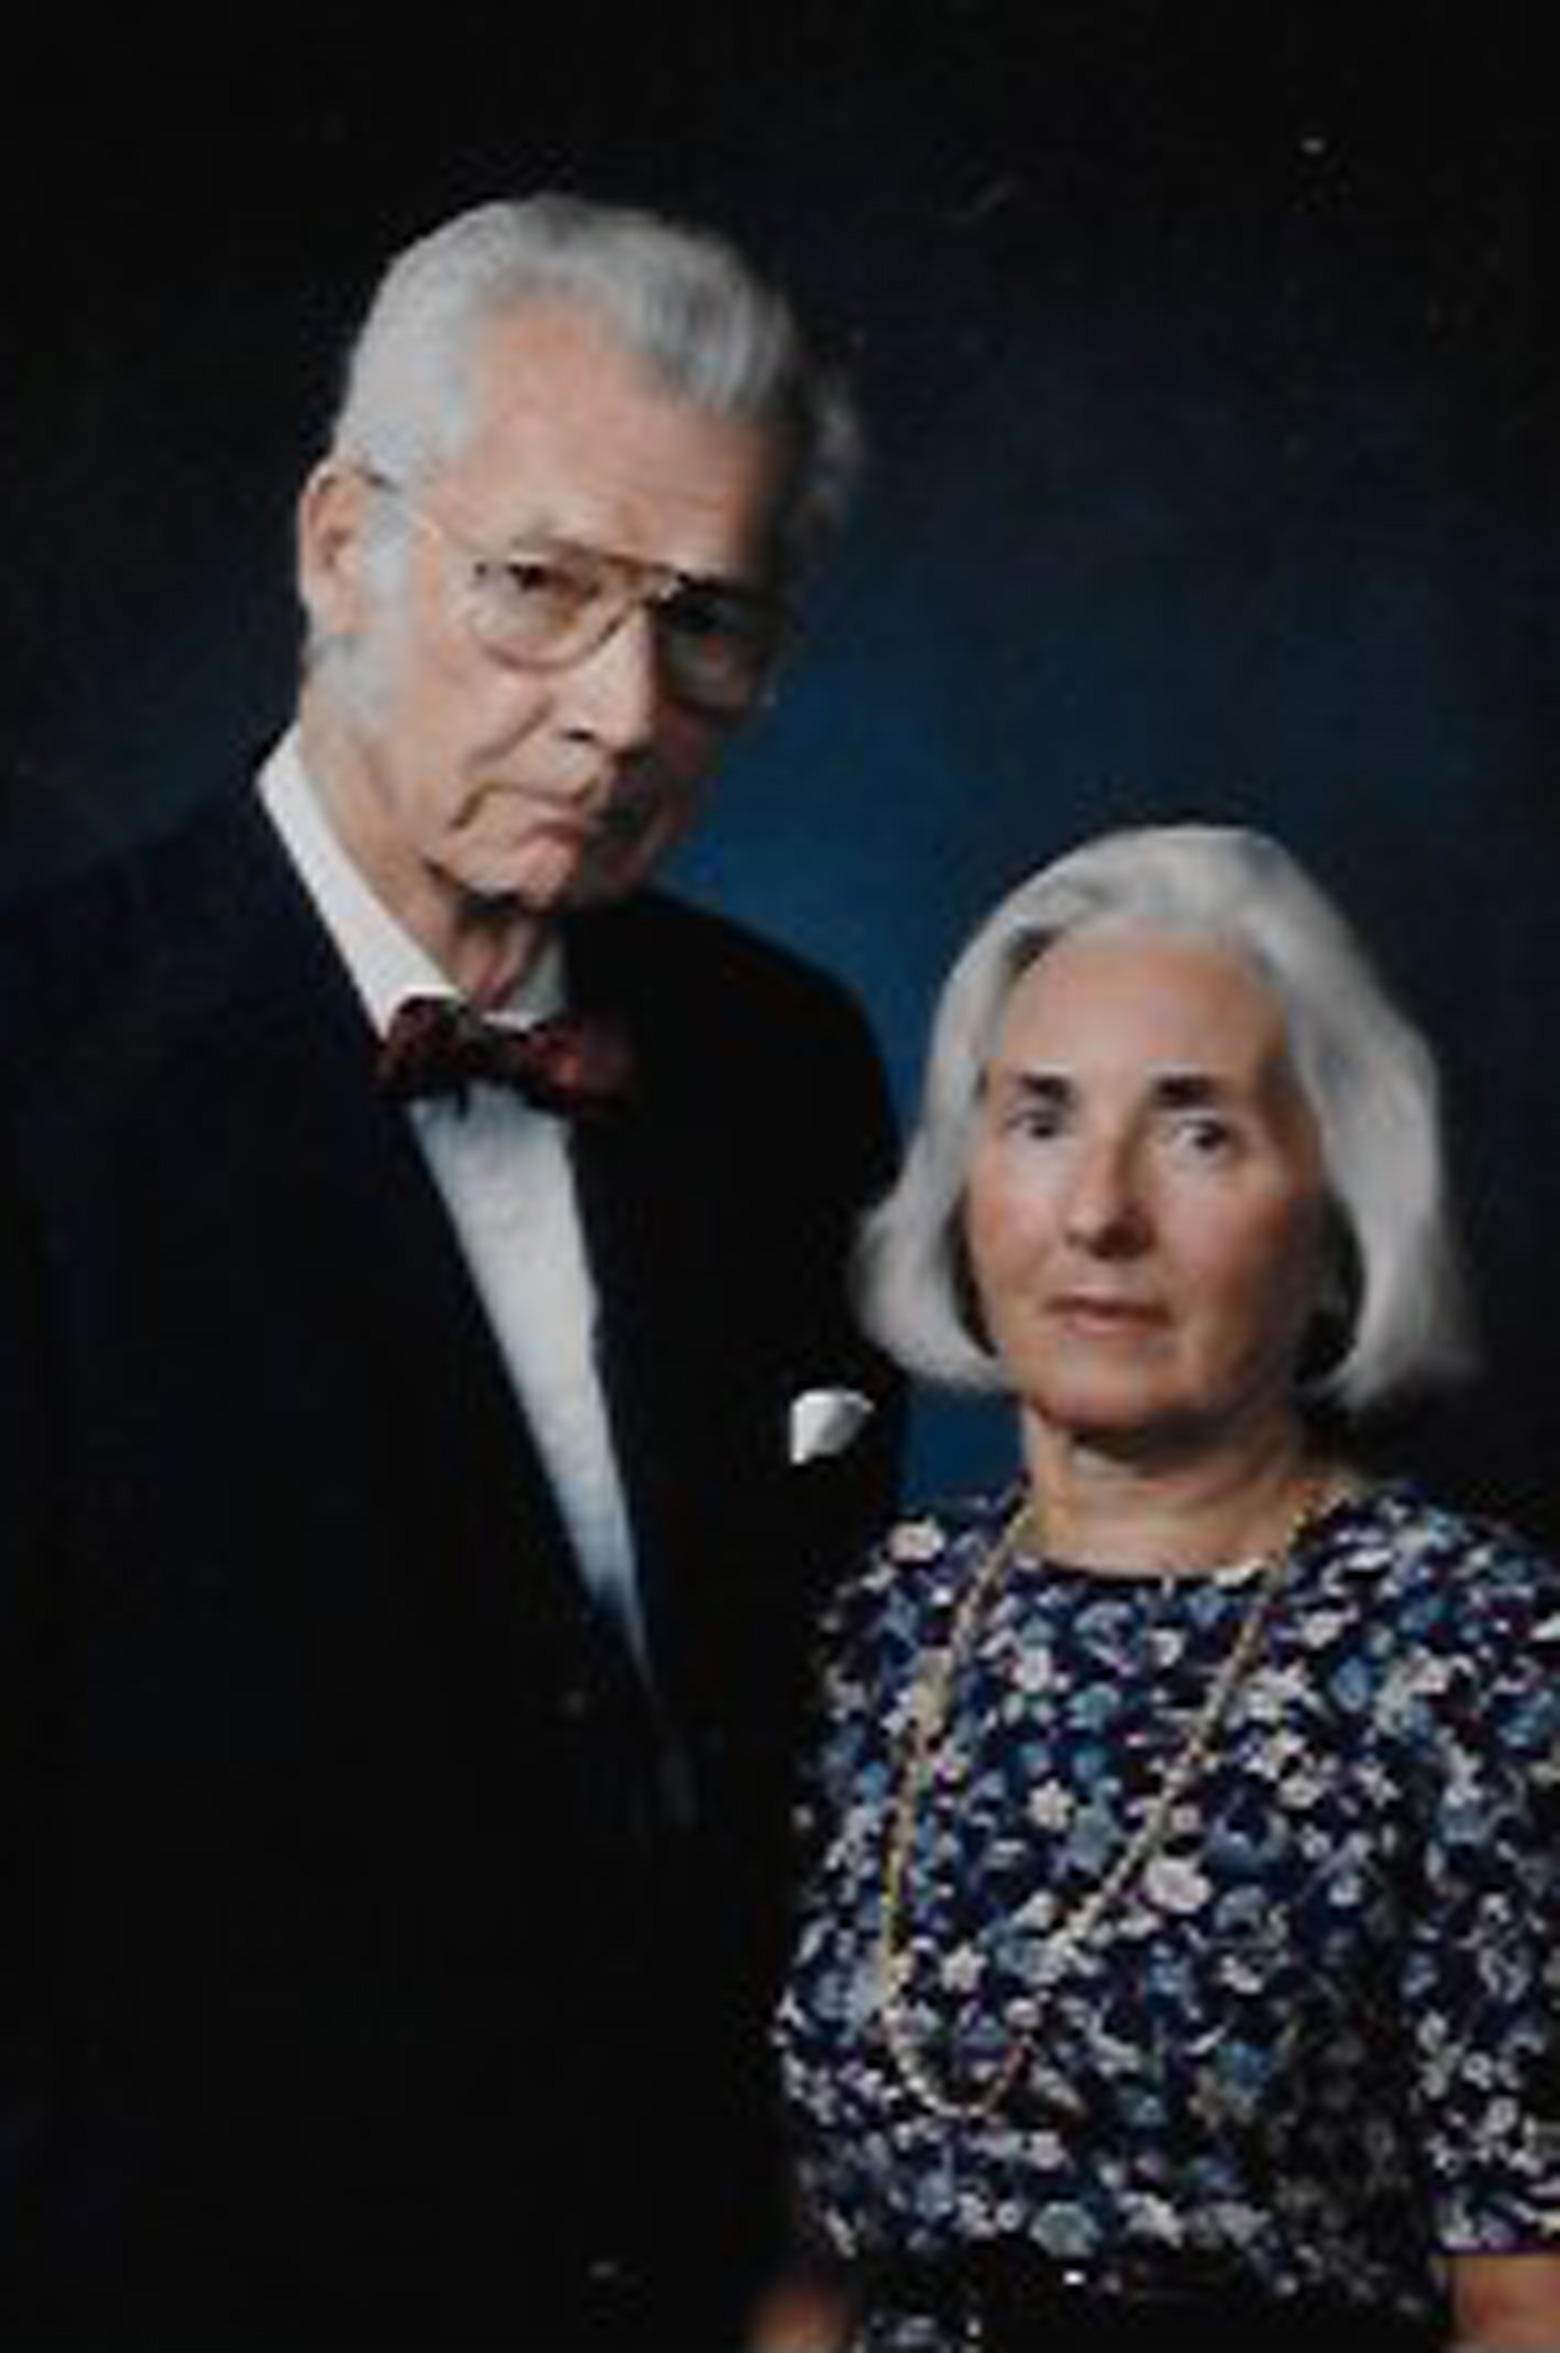 Marta Mrazovic-Whipple and her husband, the late Professor Emeritus Hoyt Whipple